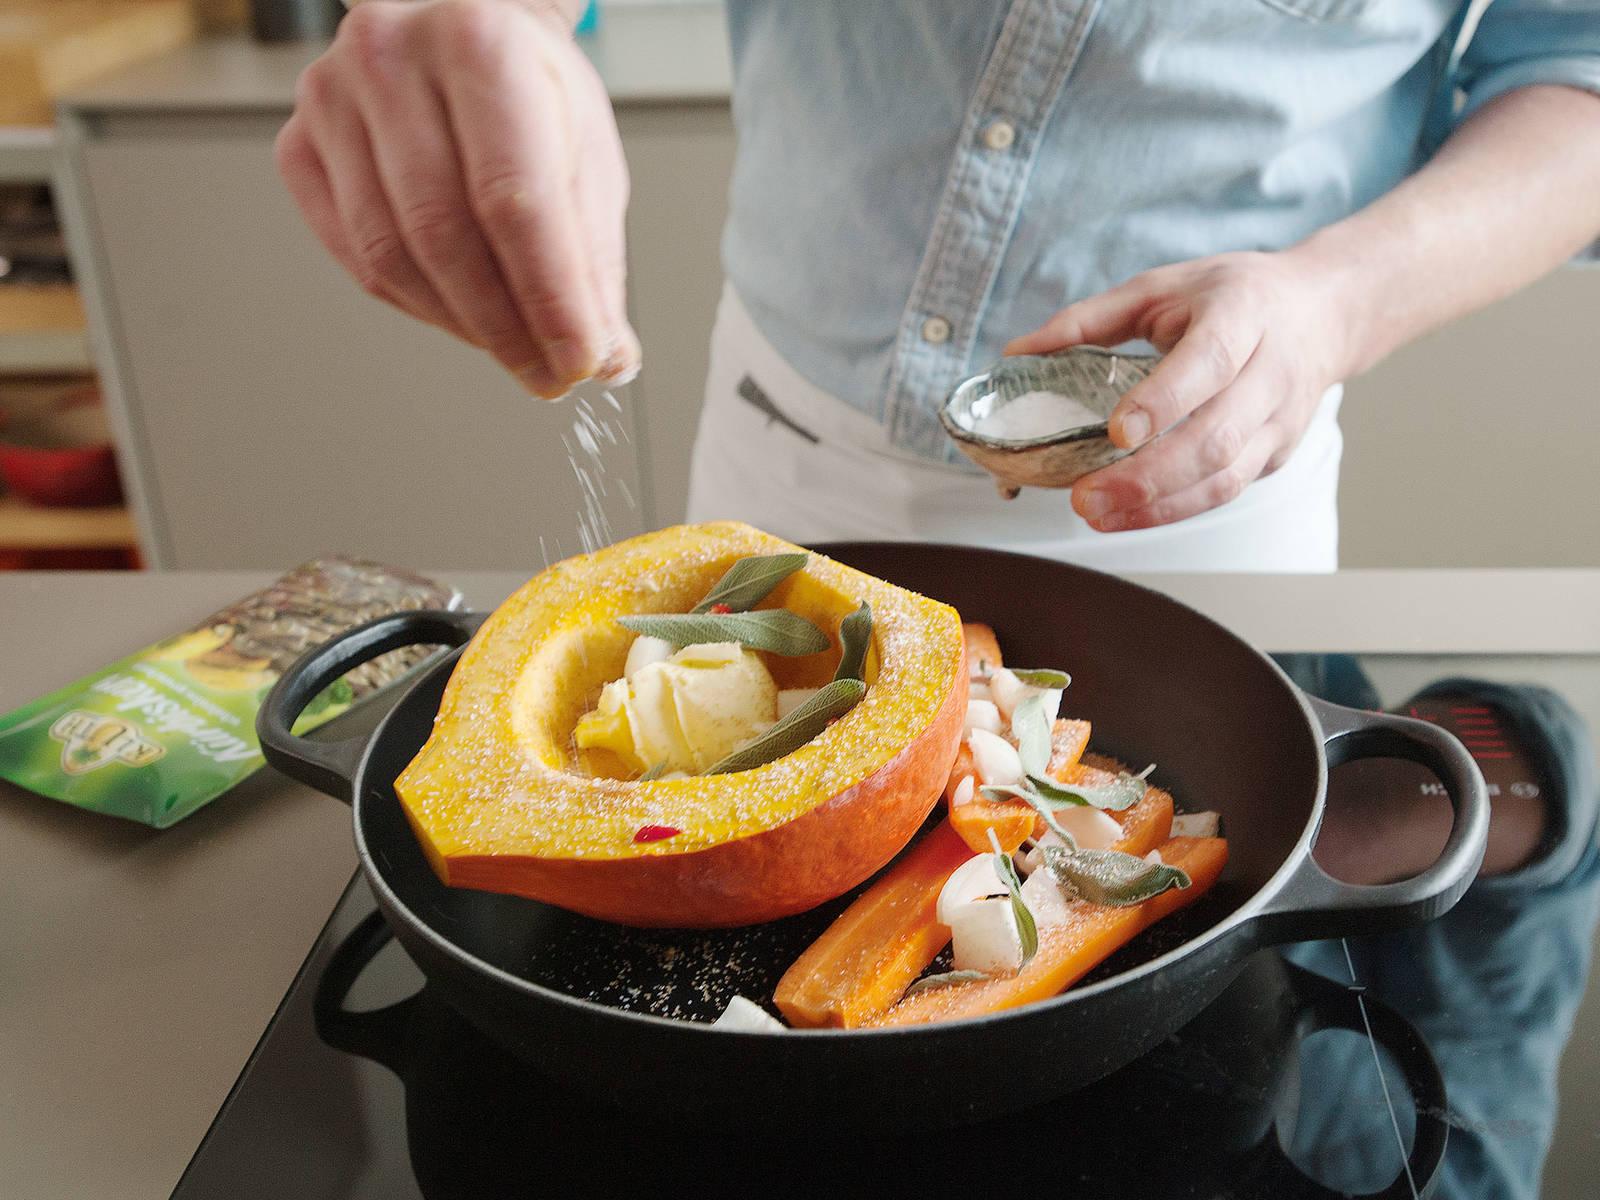 将些许黄油放到南瓜内。将洋葱粒、半份鼠尾草叶、辣椒末、蔗糖和盐撒到南瓜和胡萝卜上。以180度烤40分钟。